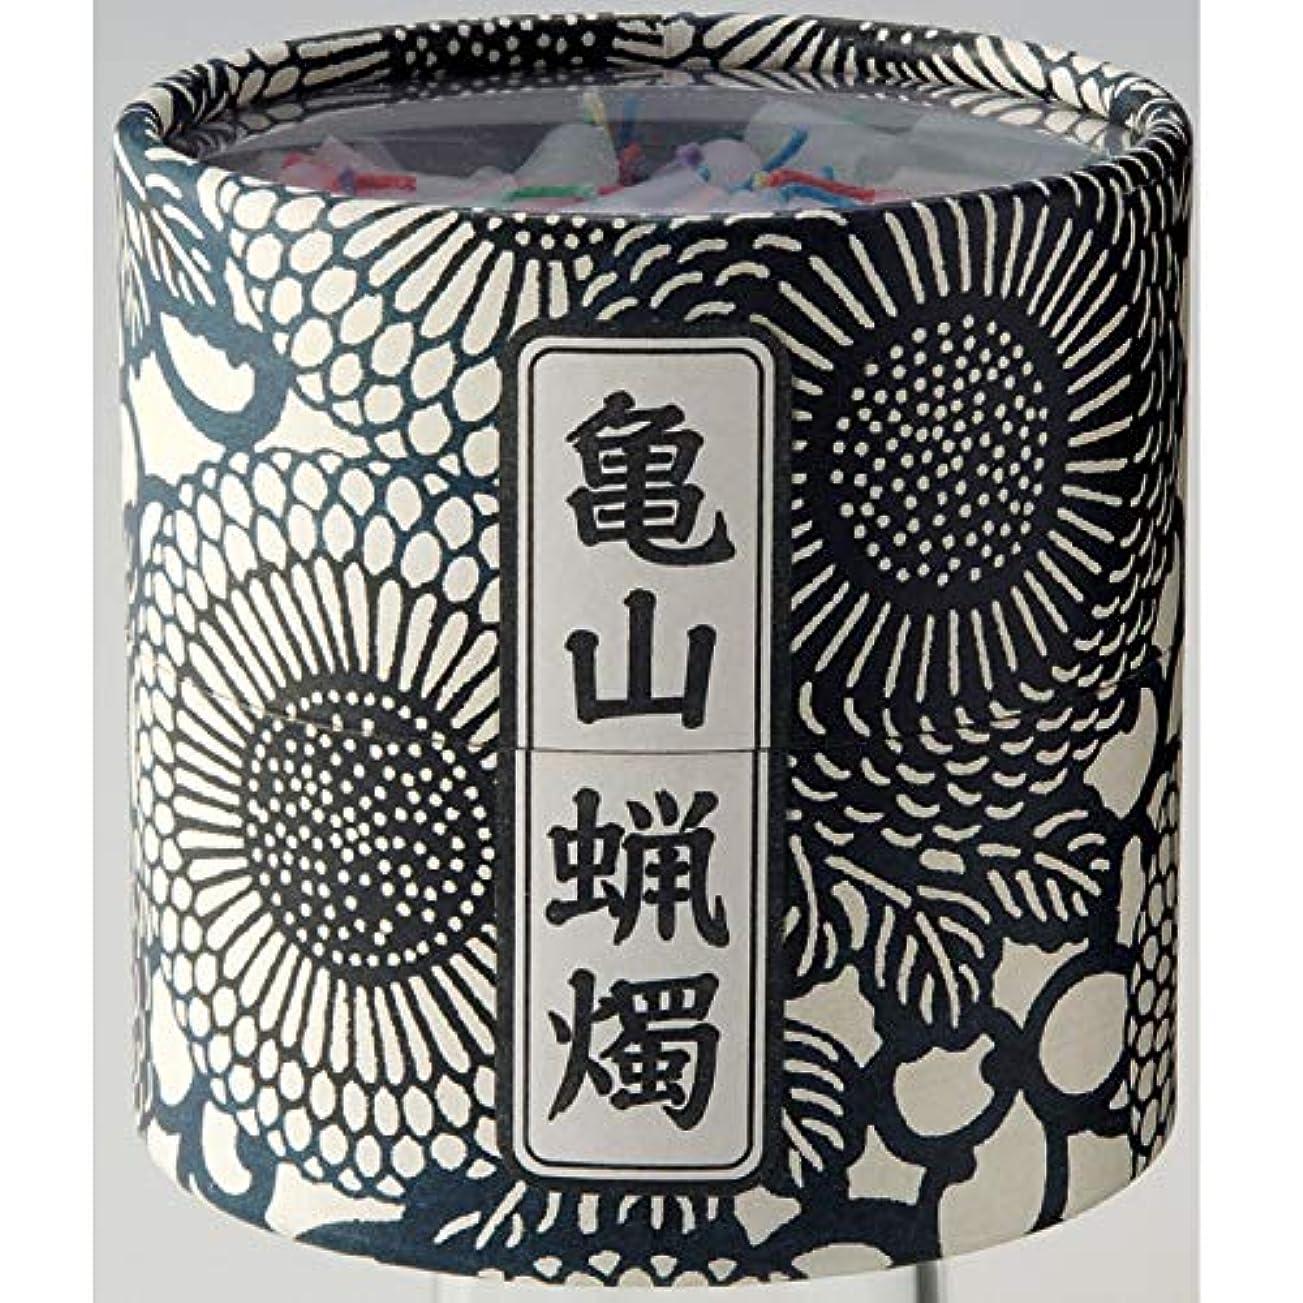 熟考するパス信頼できる亀山五色蝋燭(ローソク)約300本入り